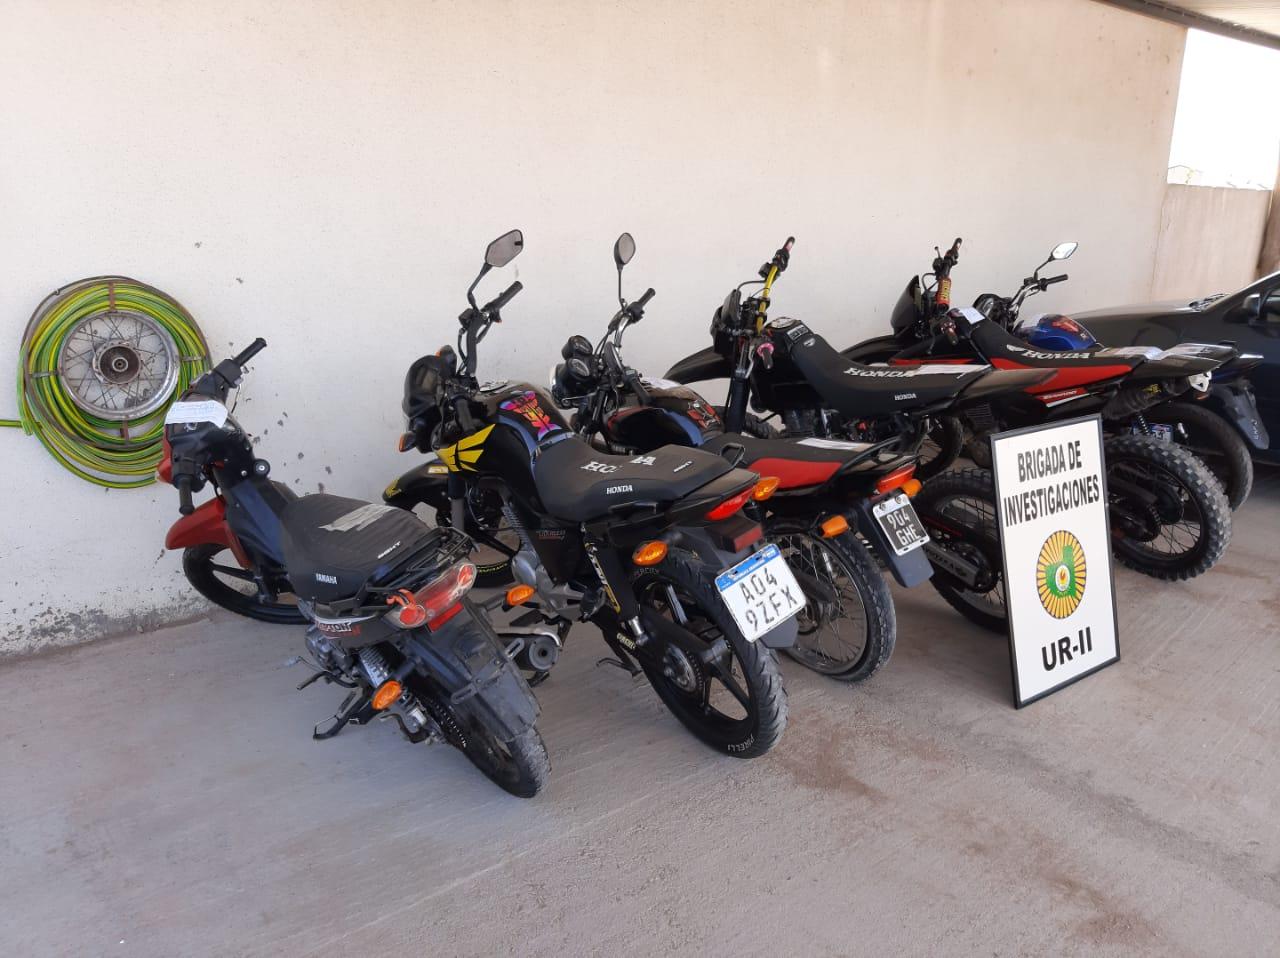 """La policía y el municipio piquense coordinarán acciones para tratar la problemática de las """"picadas"""" de motos"""